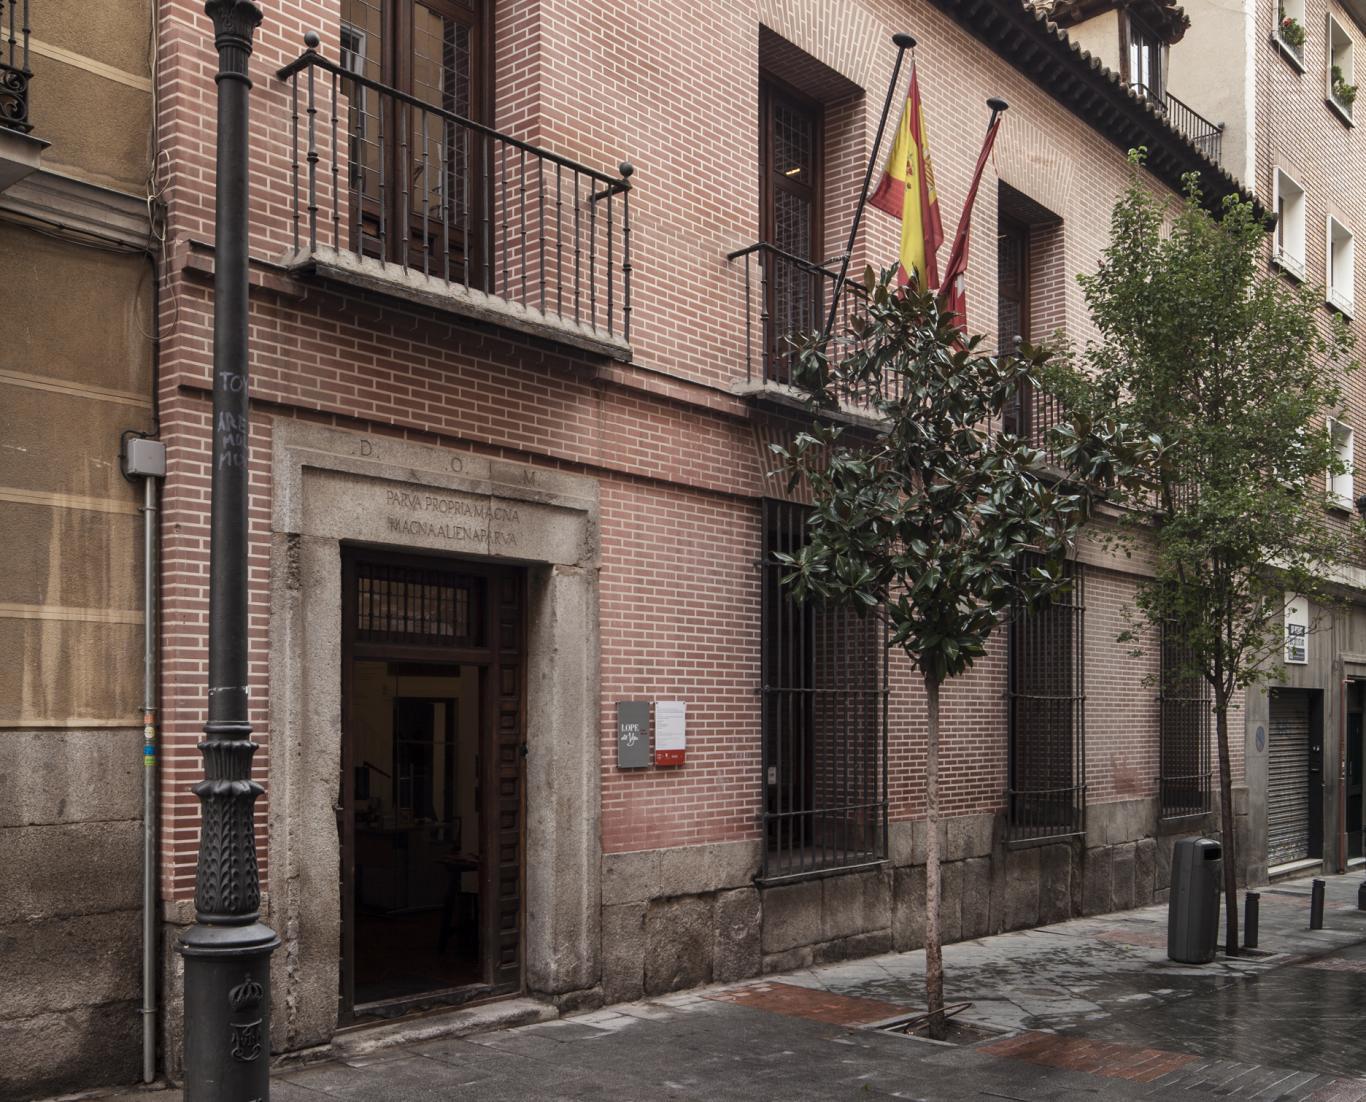 Fachada de una casa de dos plantas con ladrillo rojo visto